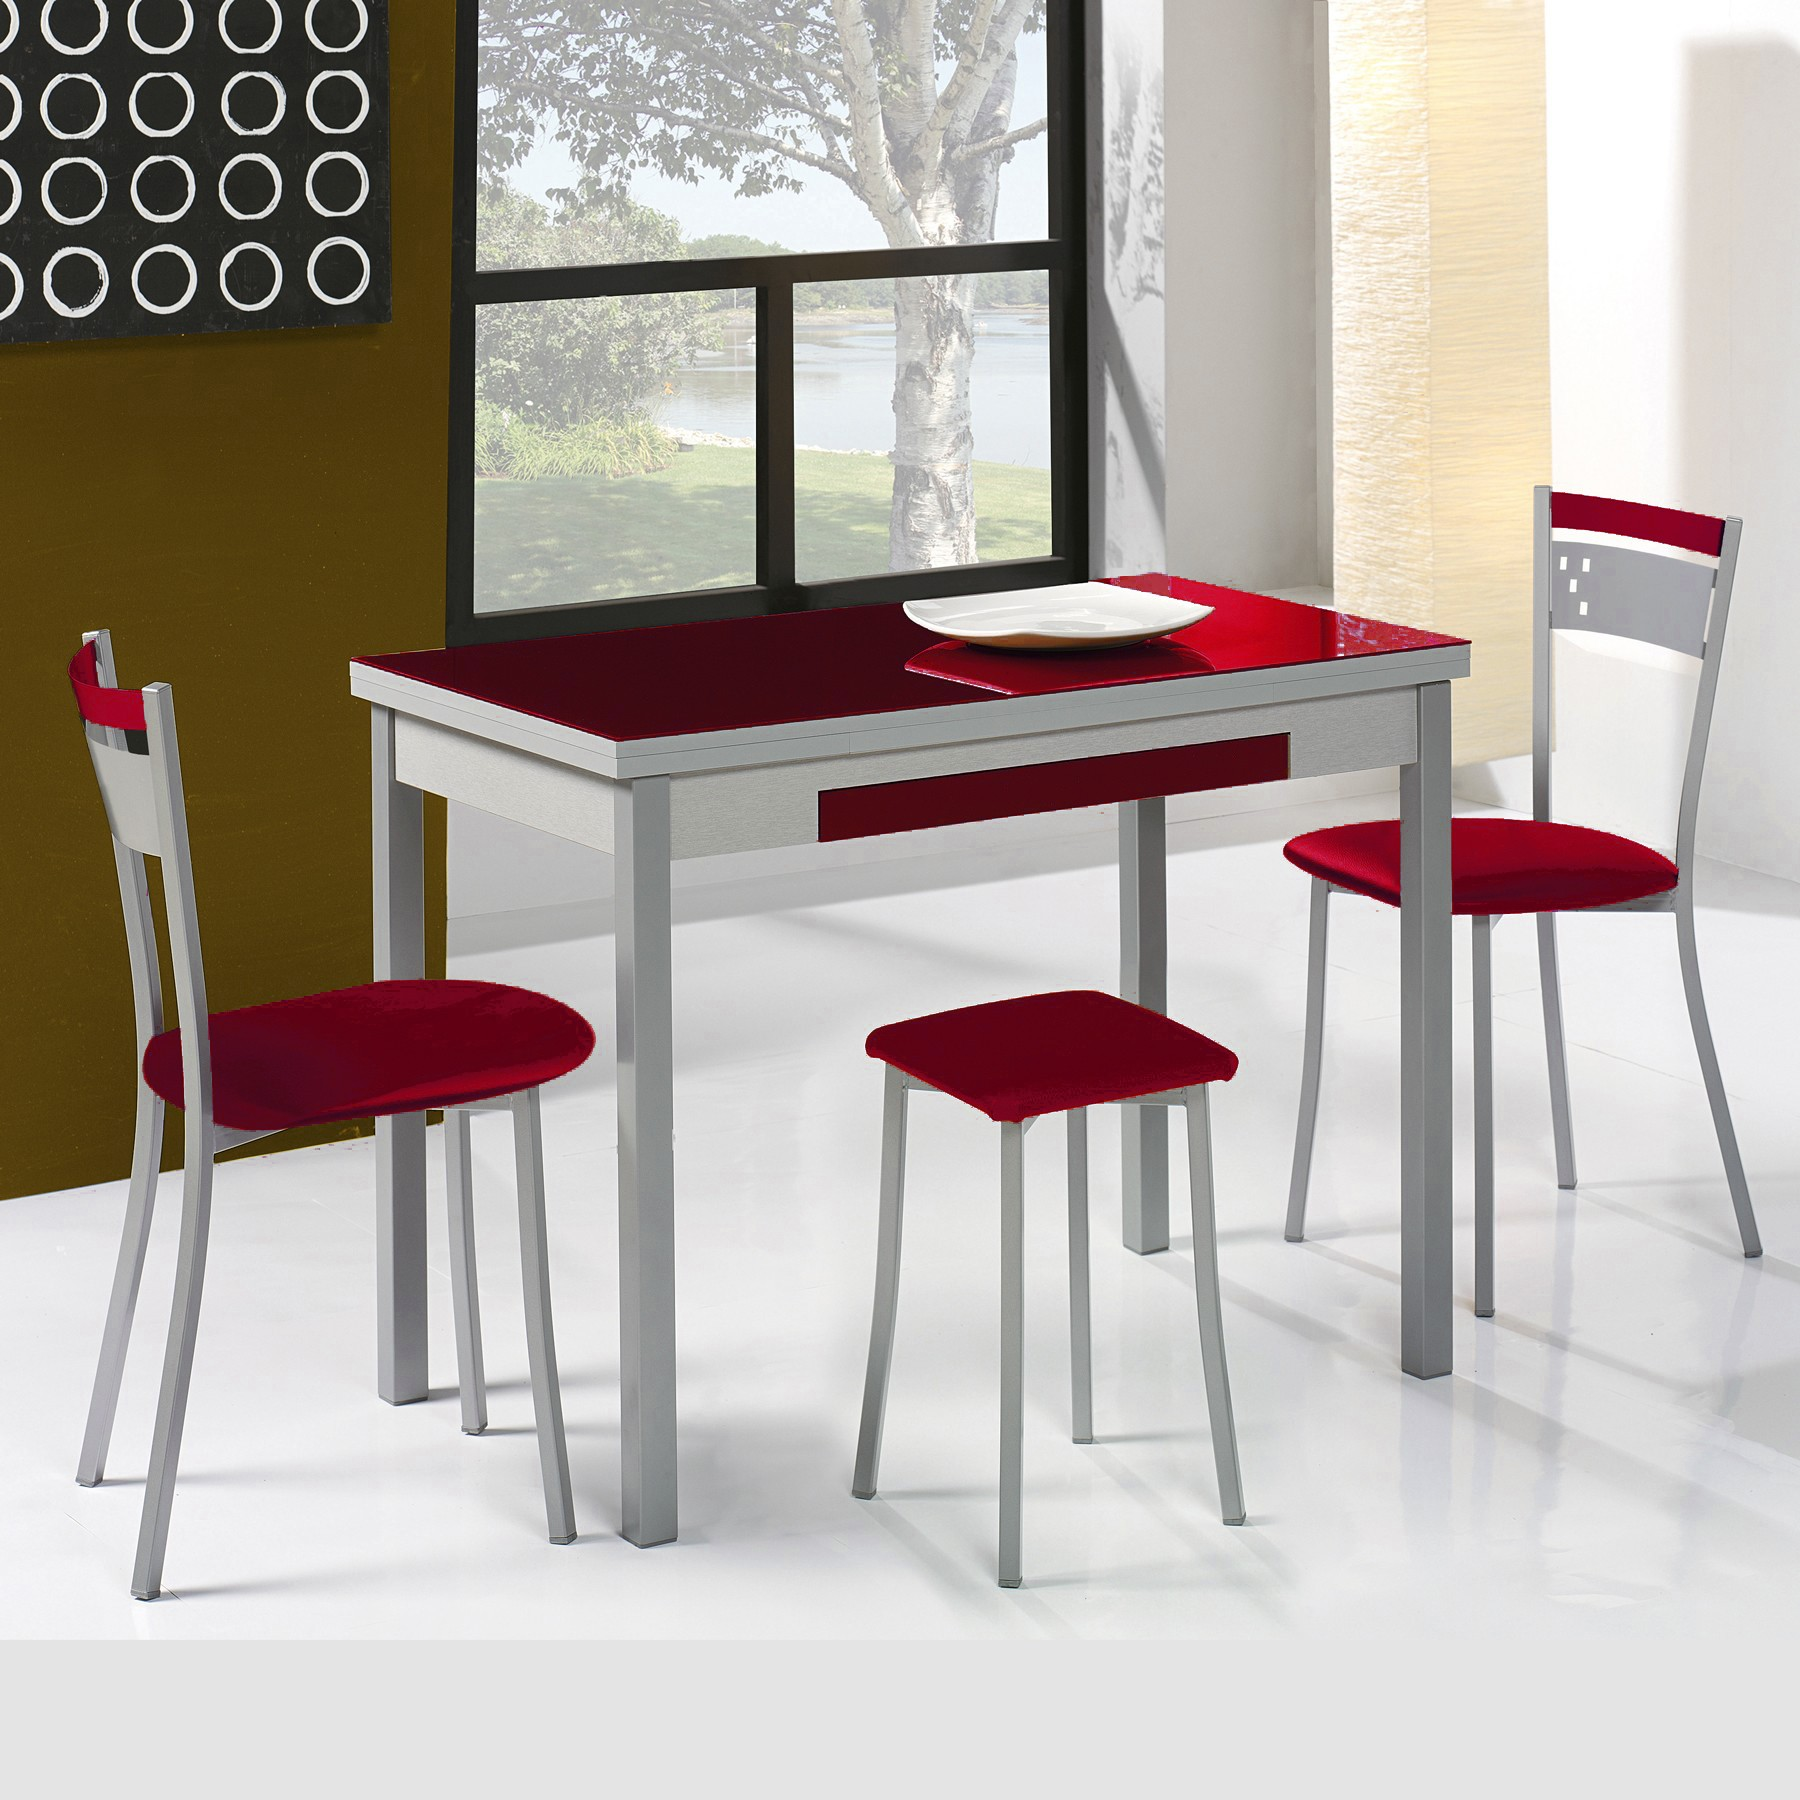 Conjunto de mesa extensible alas sillas y taburetes de for Taburetes de cocina baratos